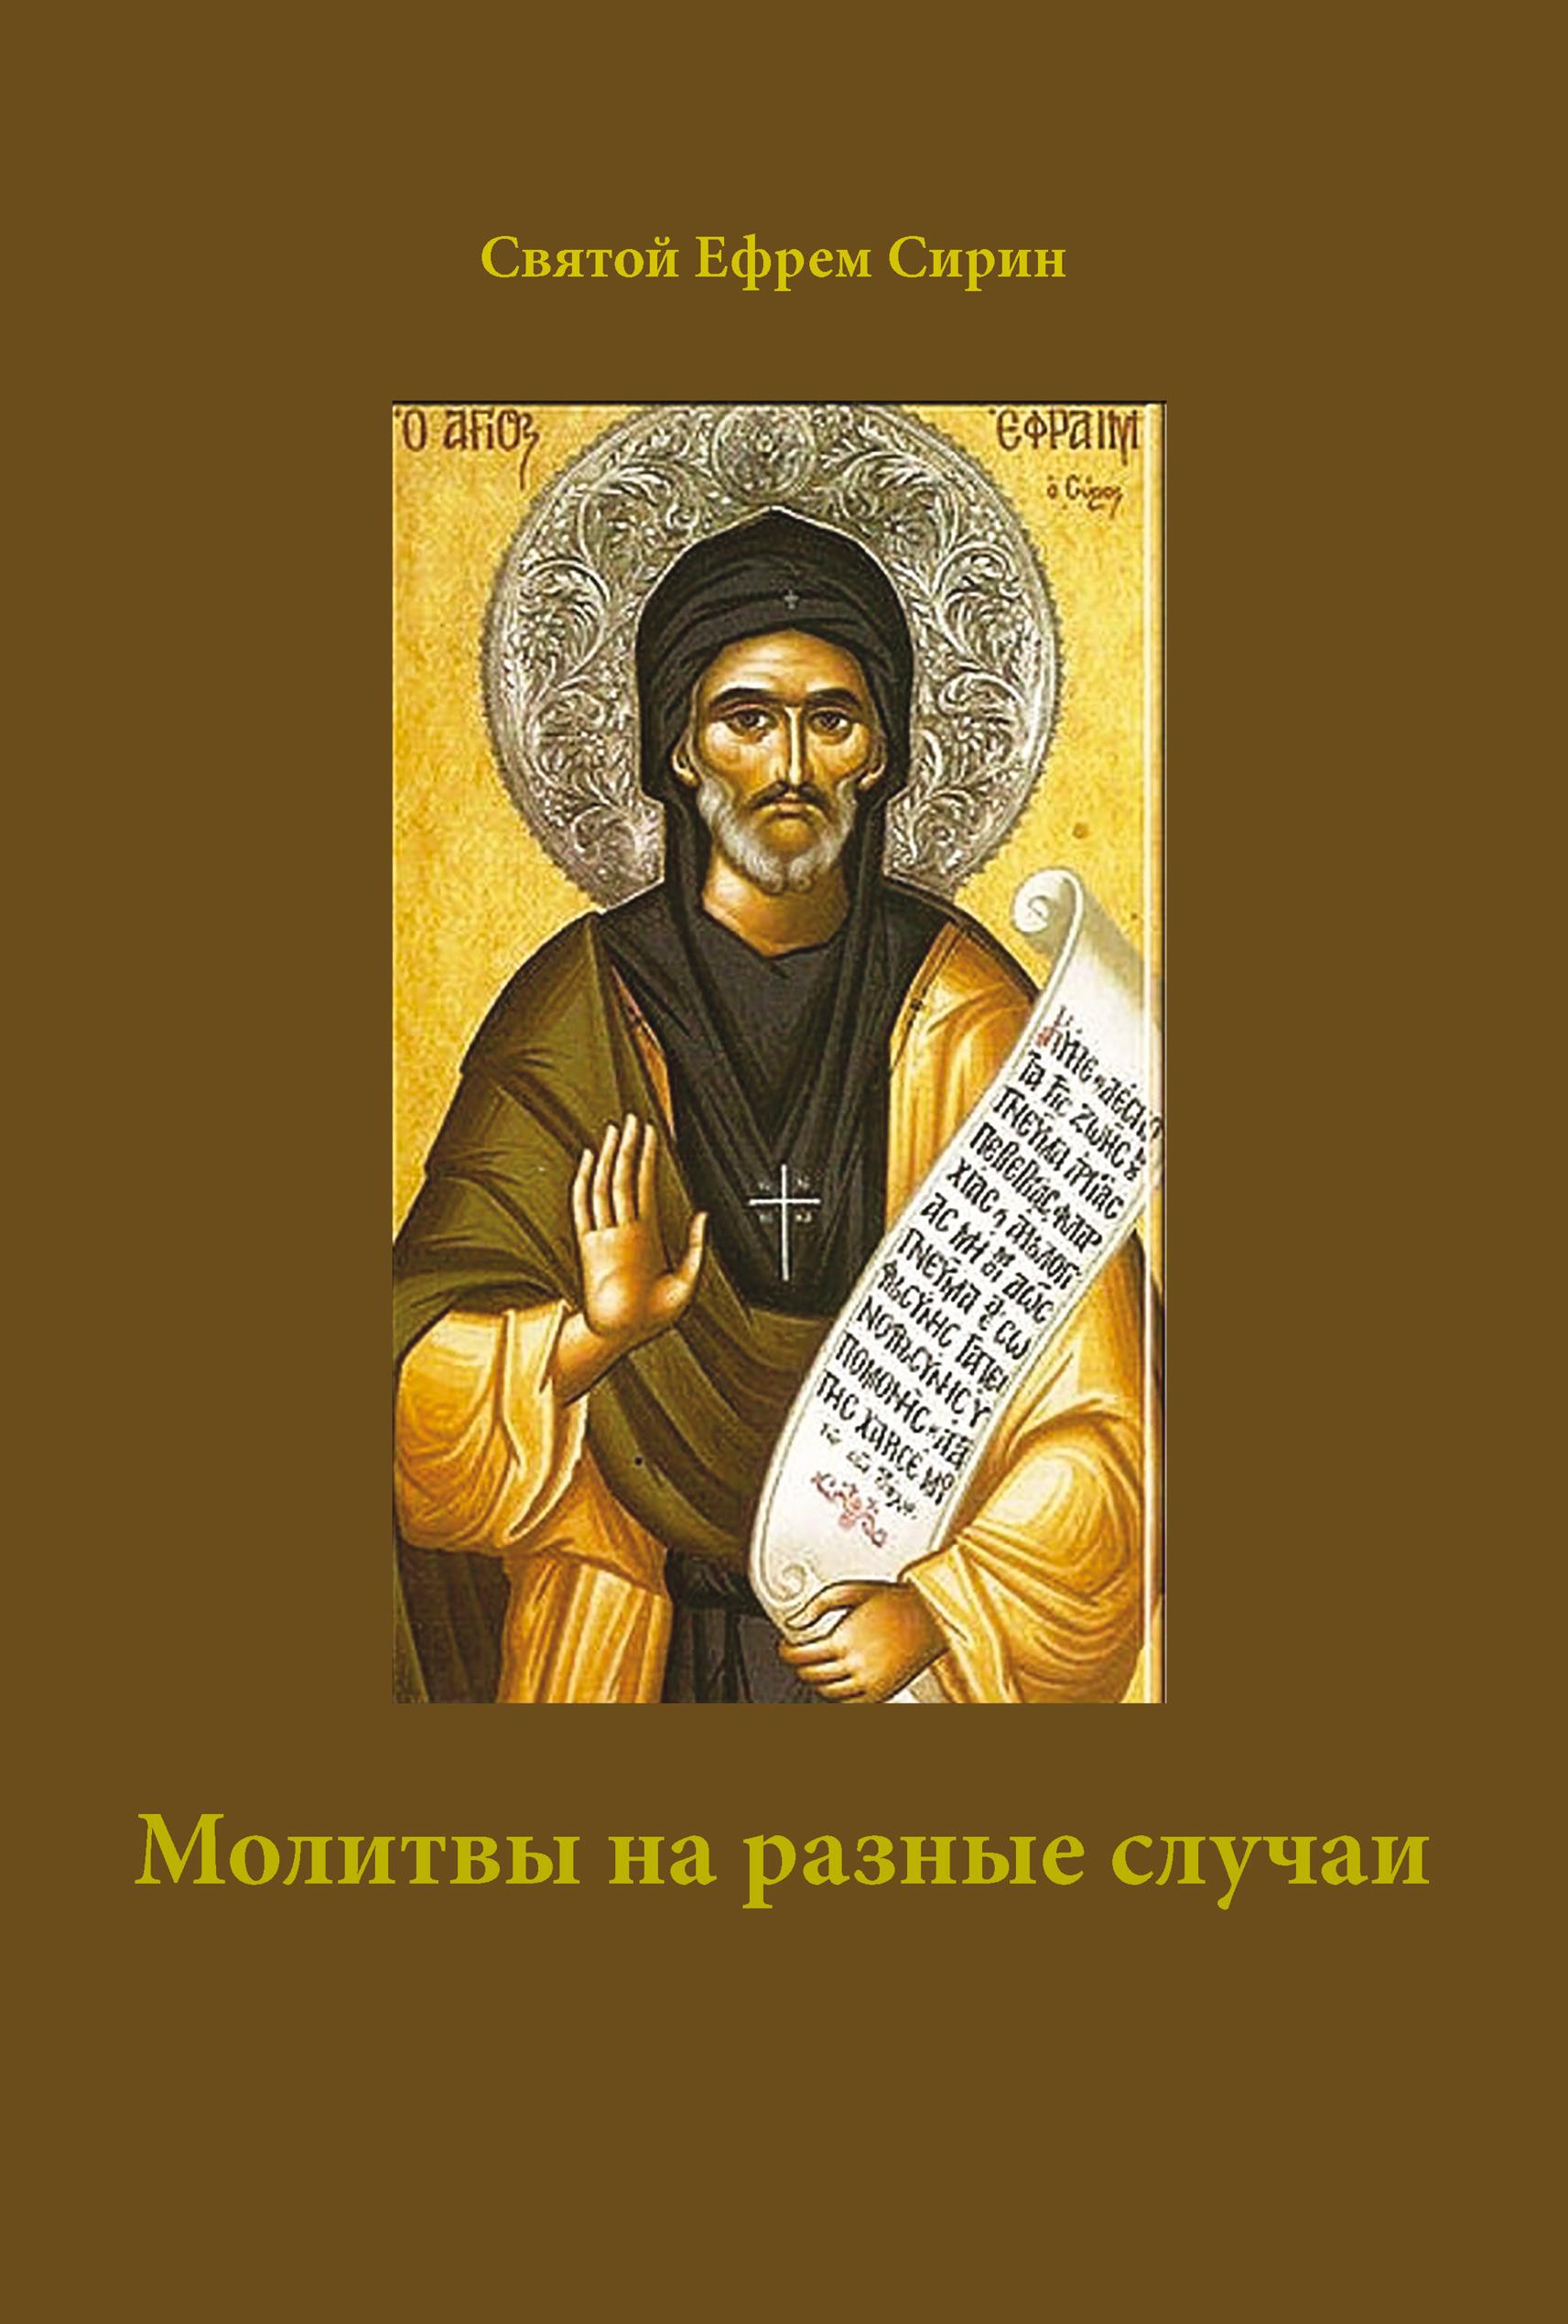 преподобный Ефрем Сирин Молитвы на разные случаи